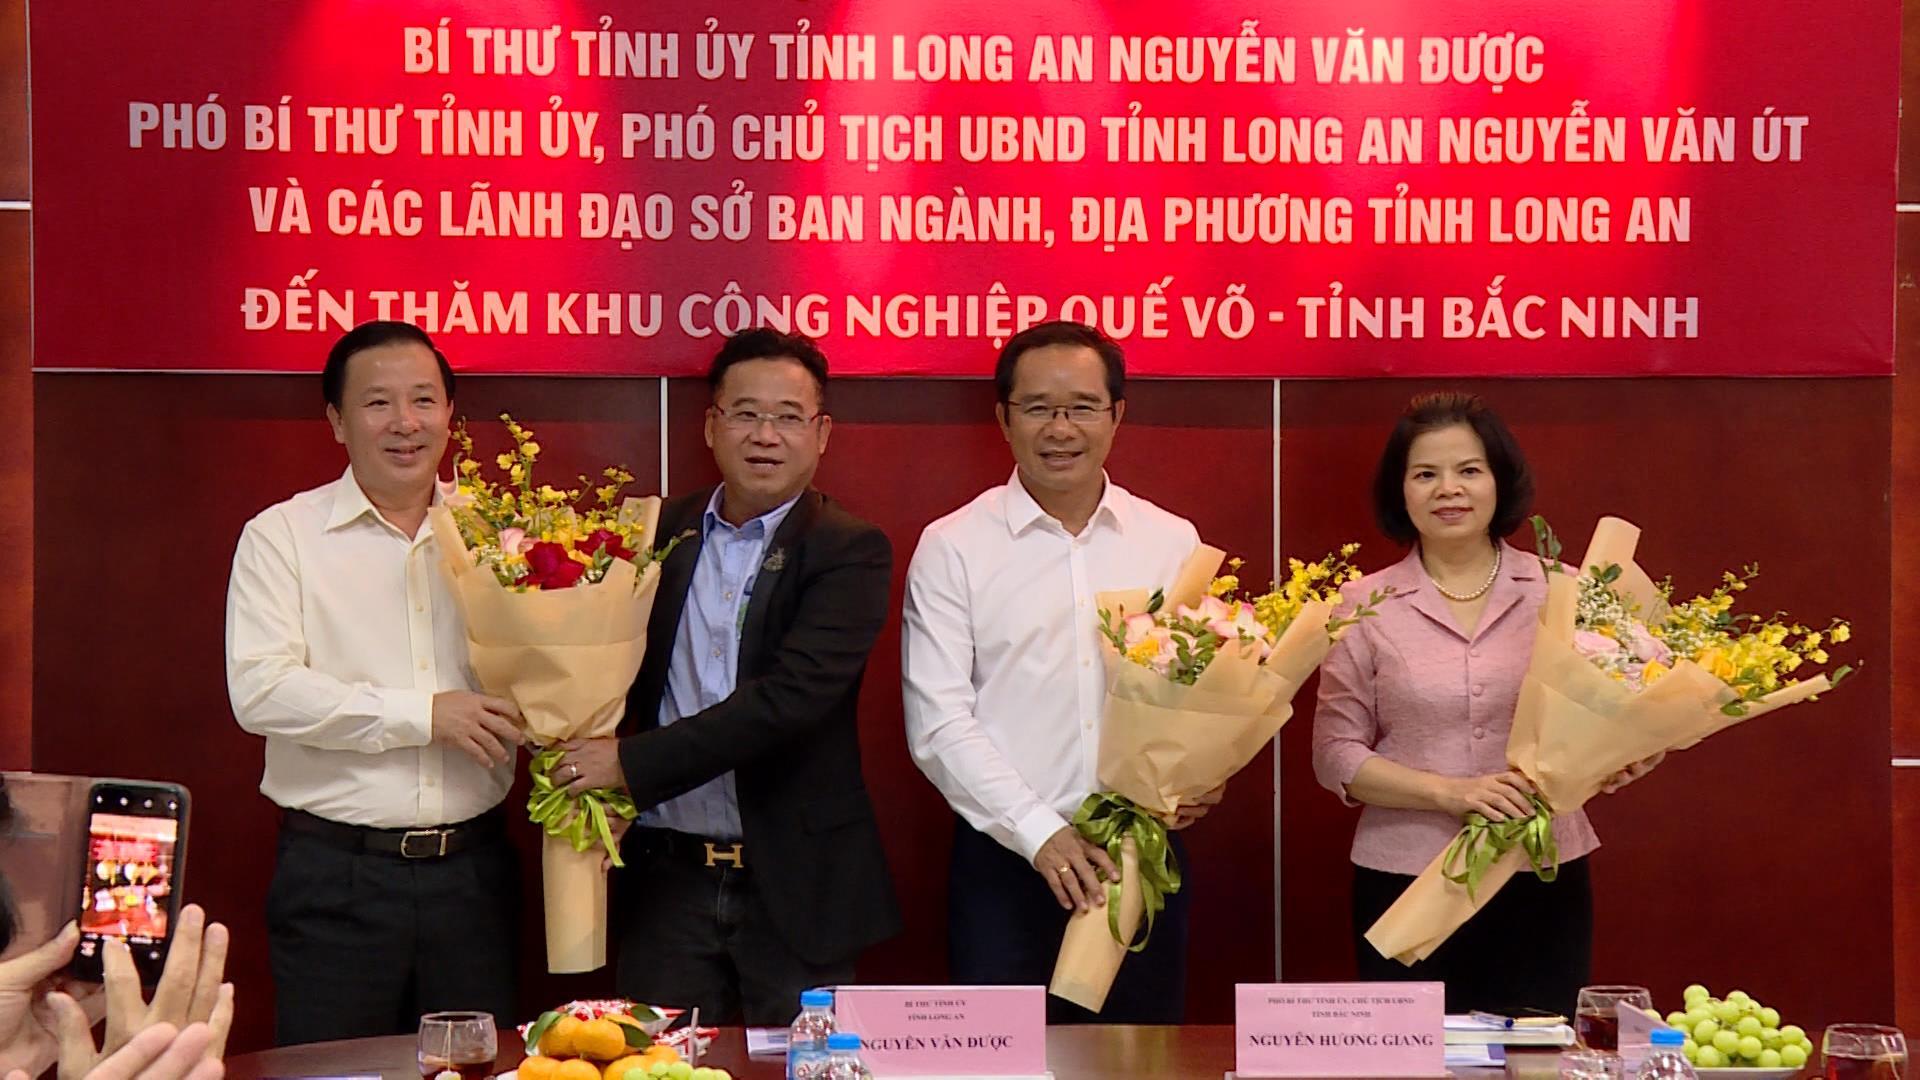 Đoàn công tác tỉnh Long An thăm Khu công nghiệp Quế Võ